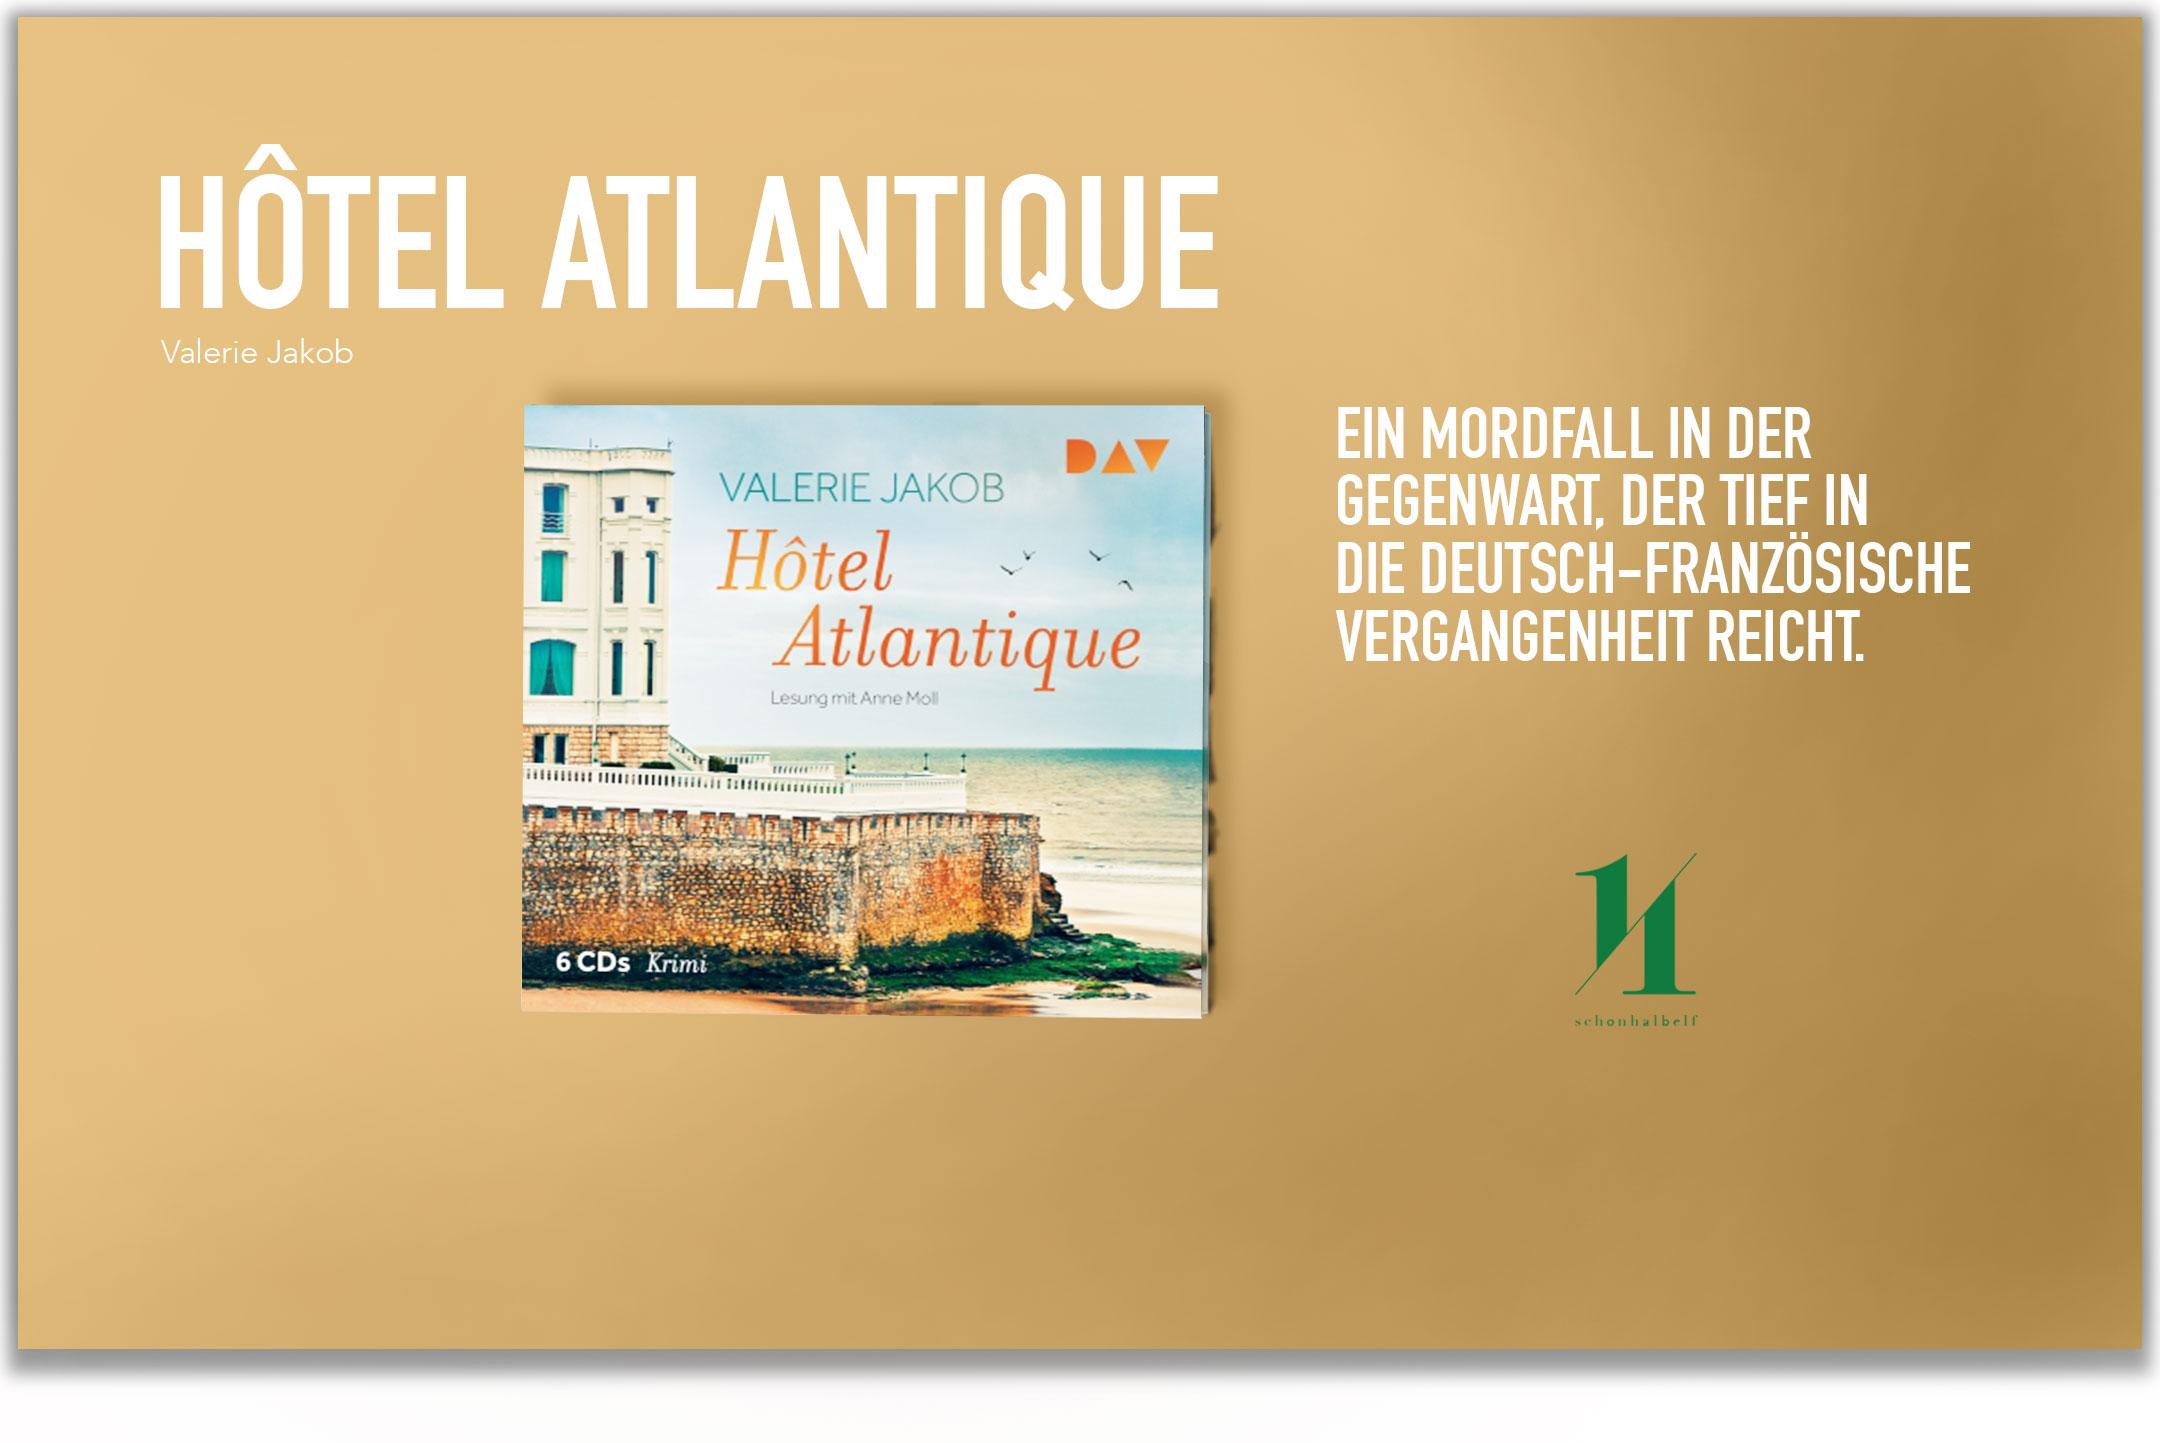 valerie-jakob-hotel-atlantique-schonhalbelf